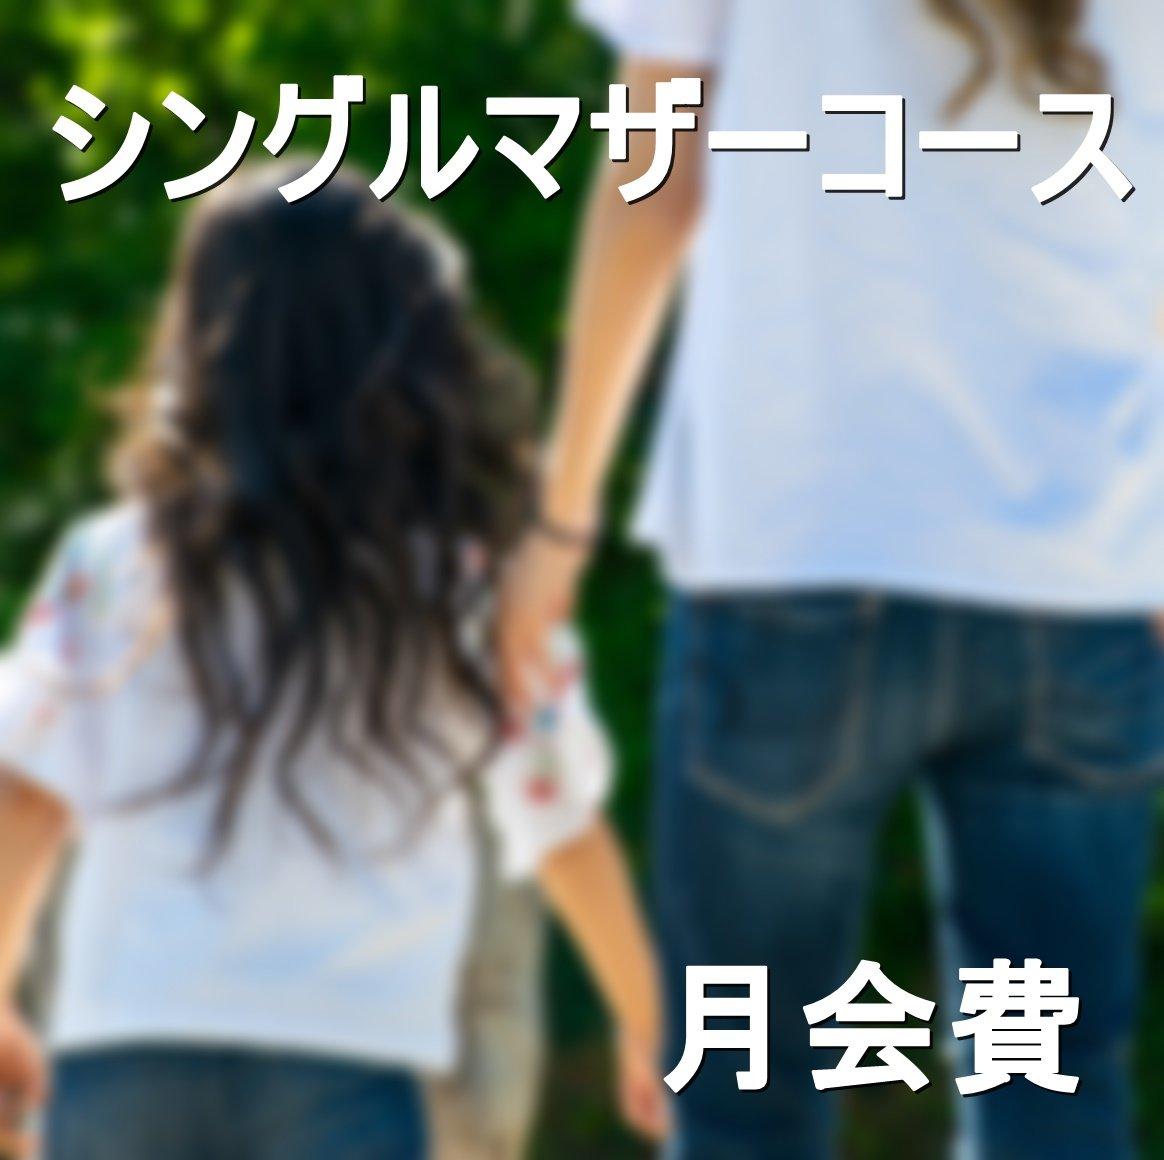 【婚活ならBUDDY BRIDAL】シングルマザーコース 月会費WEBチケット(サブスクリプション)のイメージその1